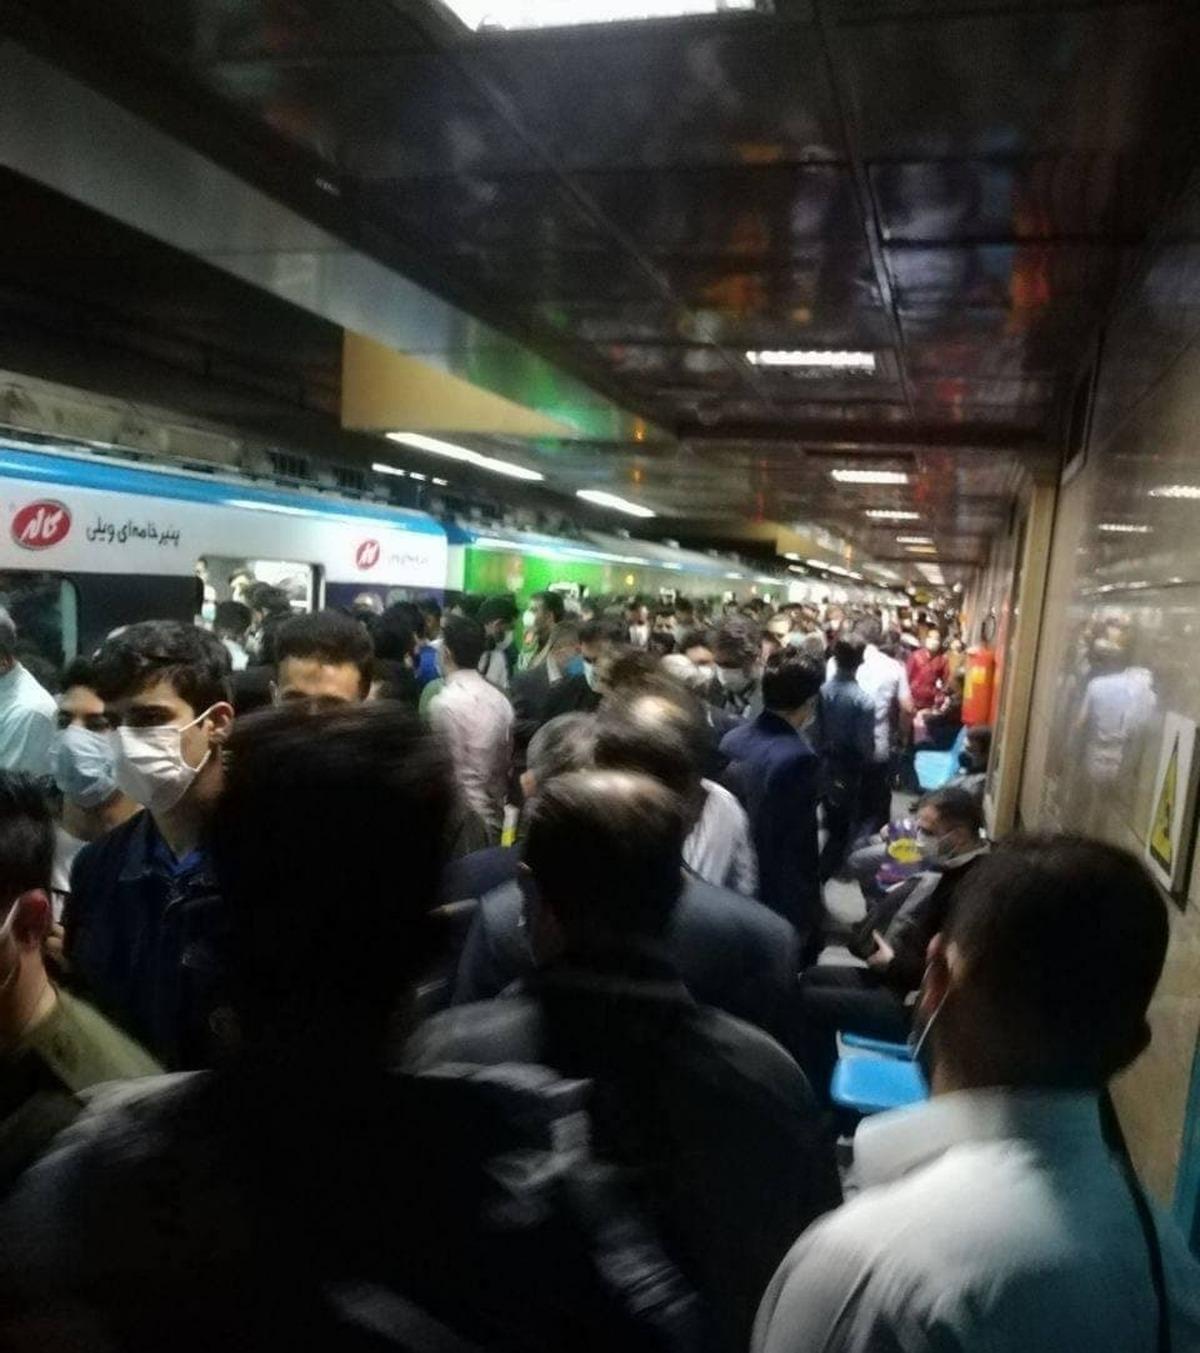 اولین روز کاری بعد از تعطیلات   وضعیت کرونایی در متروی تهران + عکس